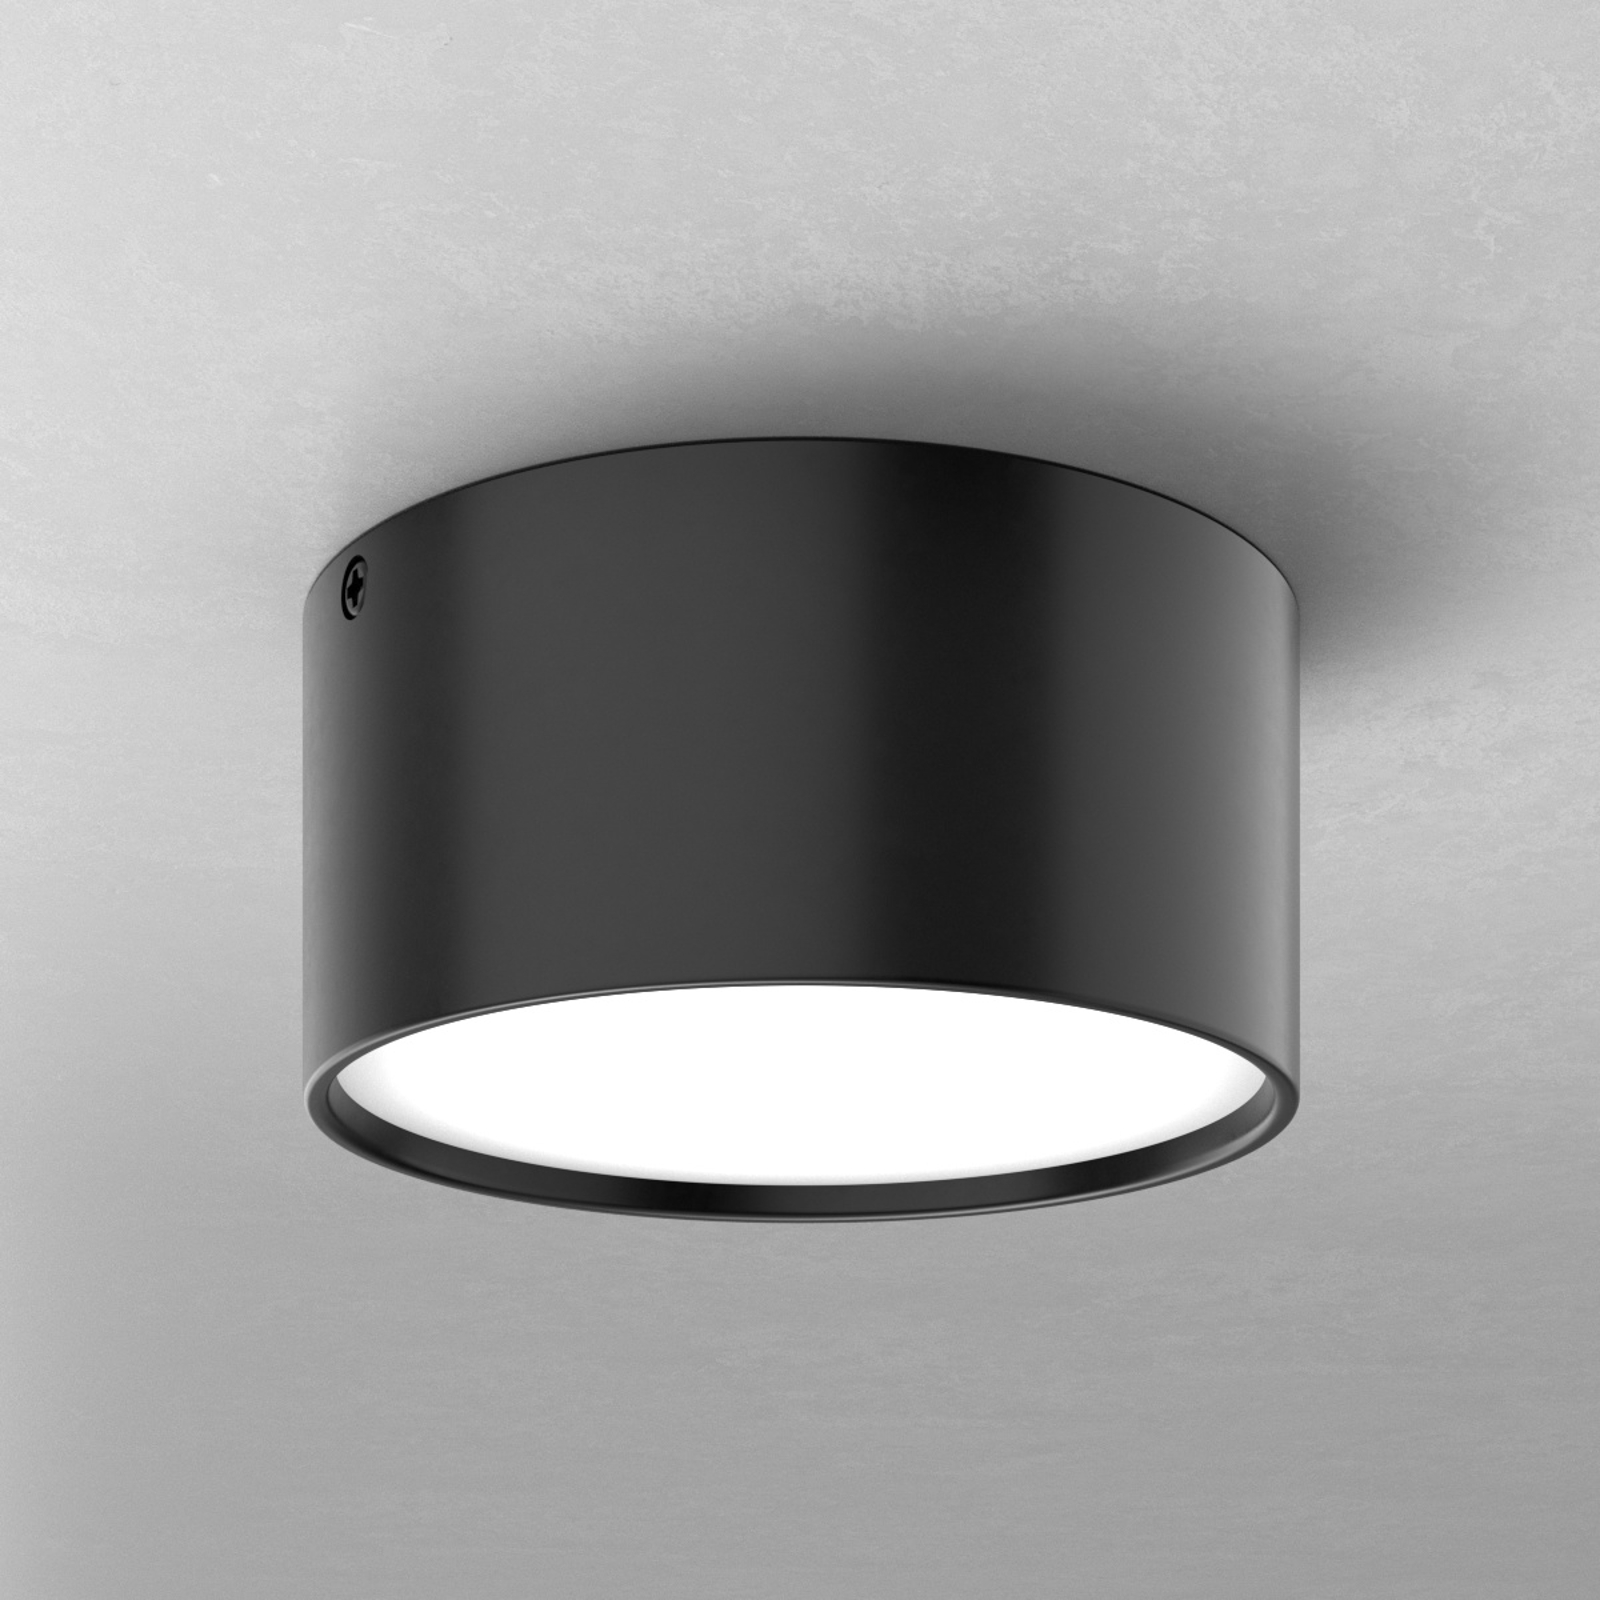 LED-Deckenleuchte Mine in Schwarz, 12 cm